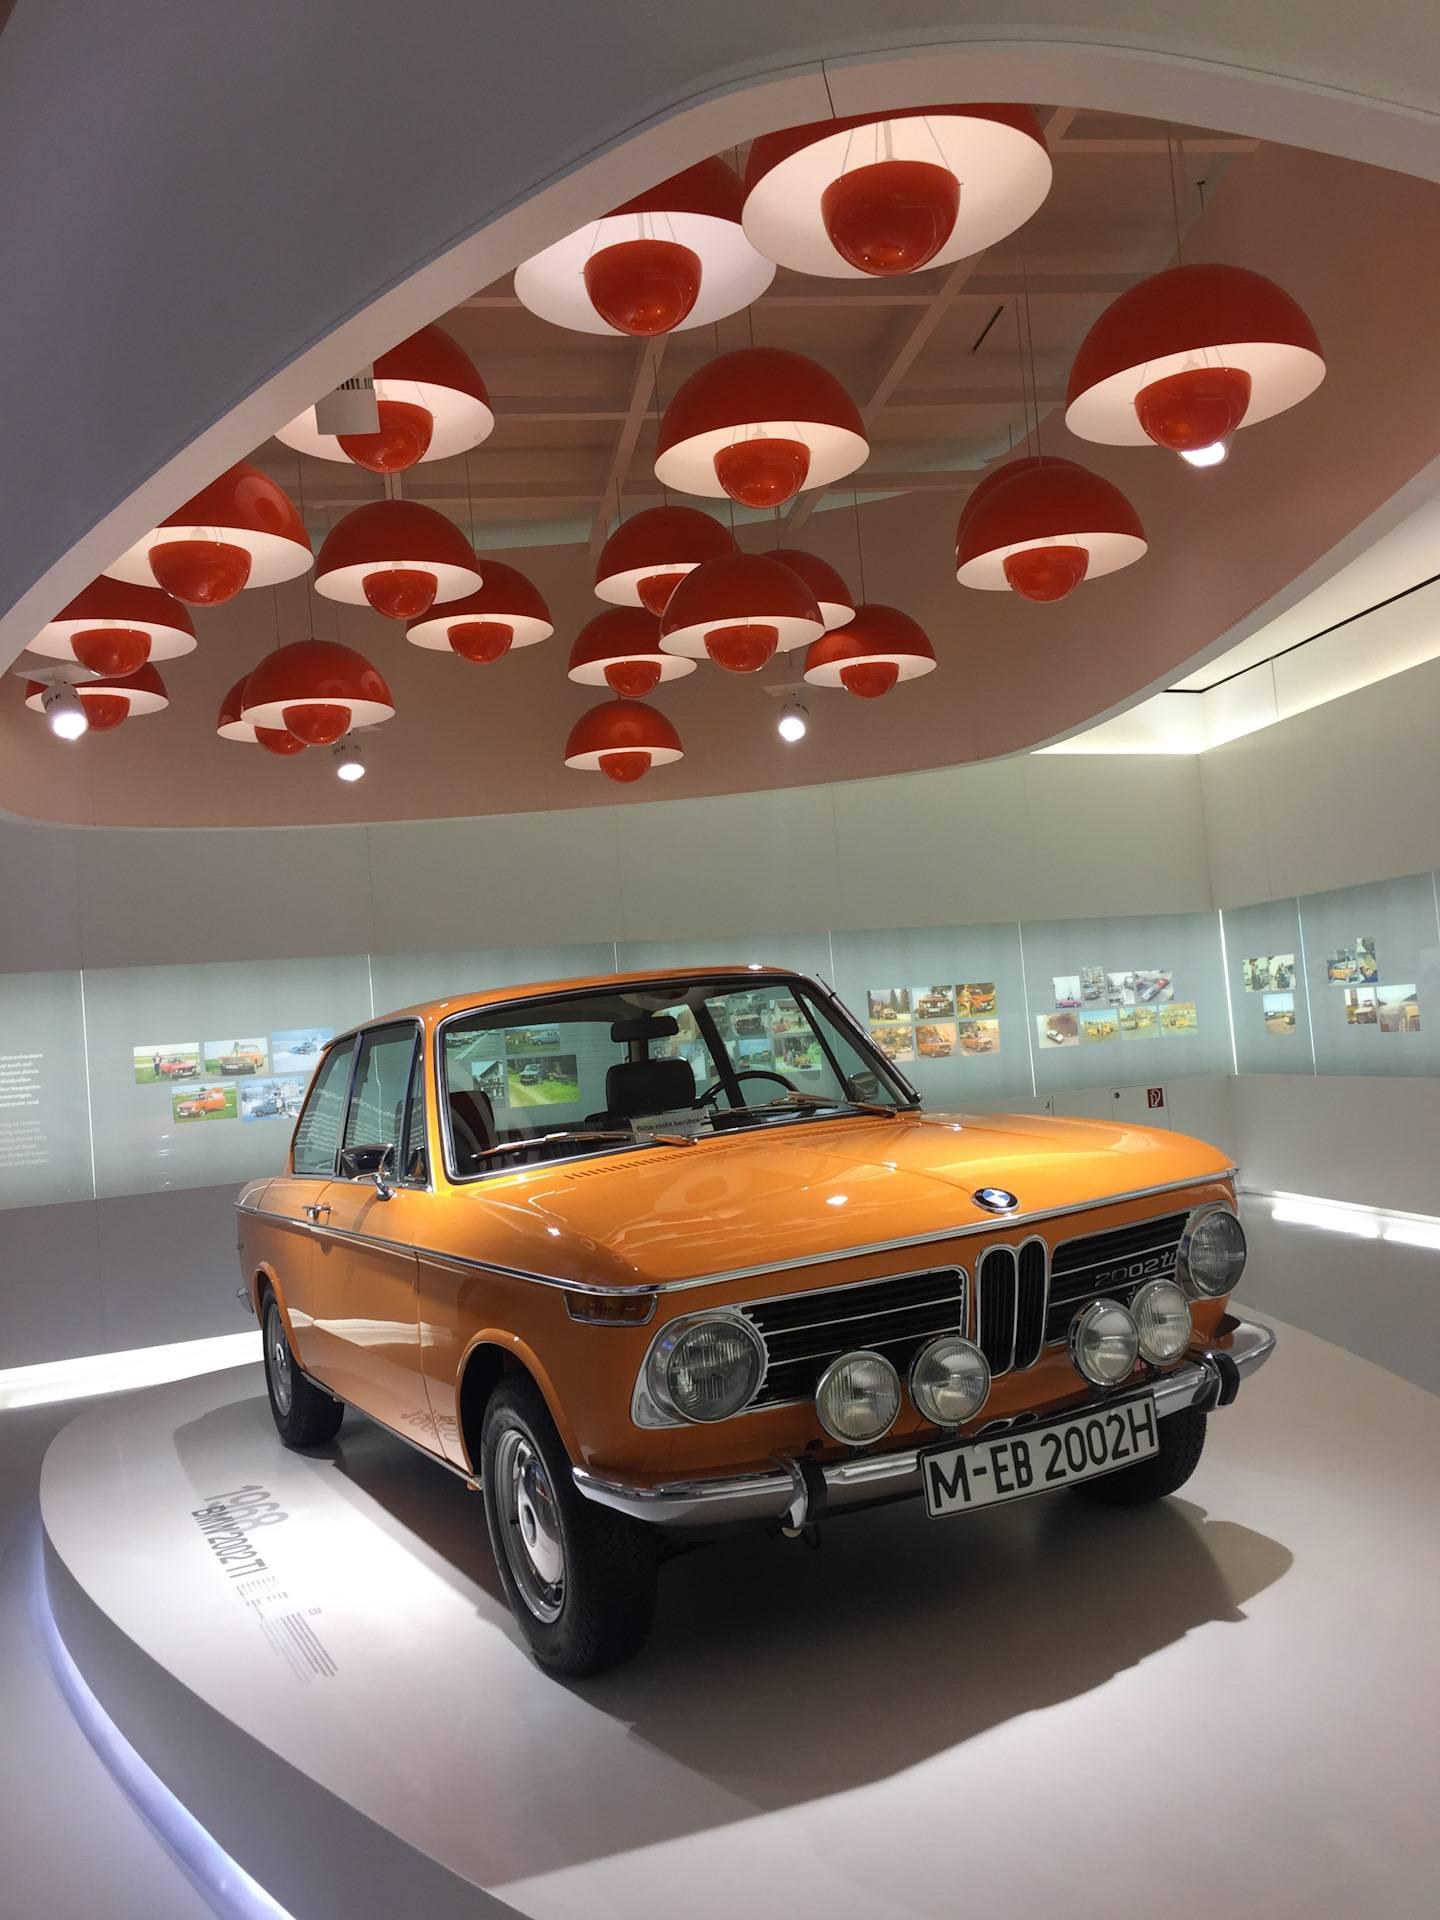 Музей бмв в мюнхене: полная информация, как добраться и фото